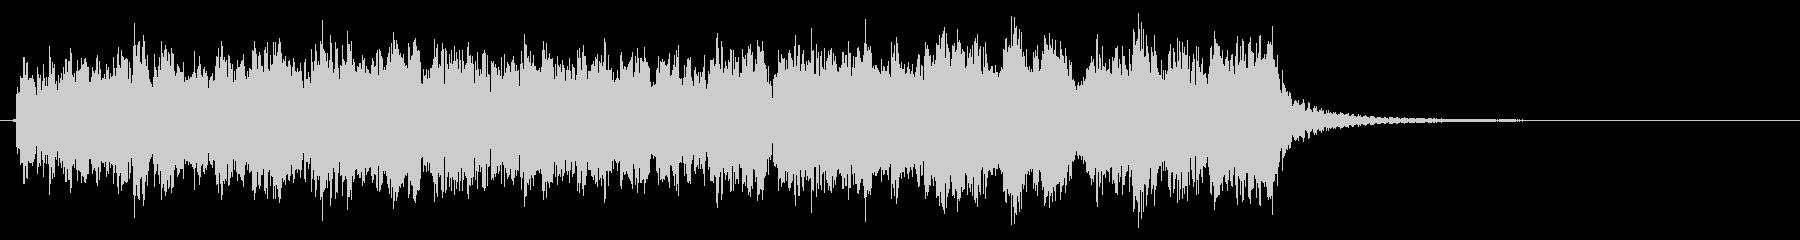 時計 アラーム04-03(遠い)の未再生の波形